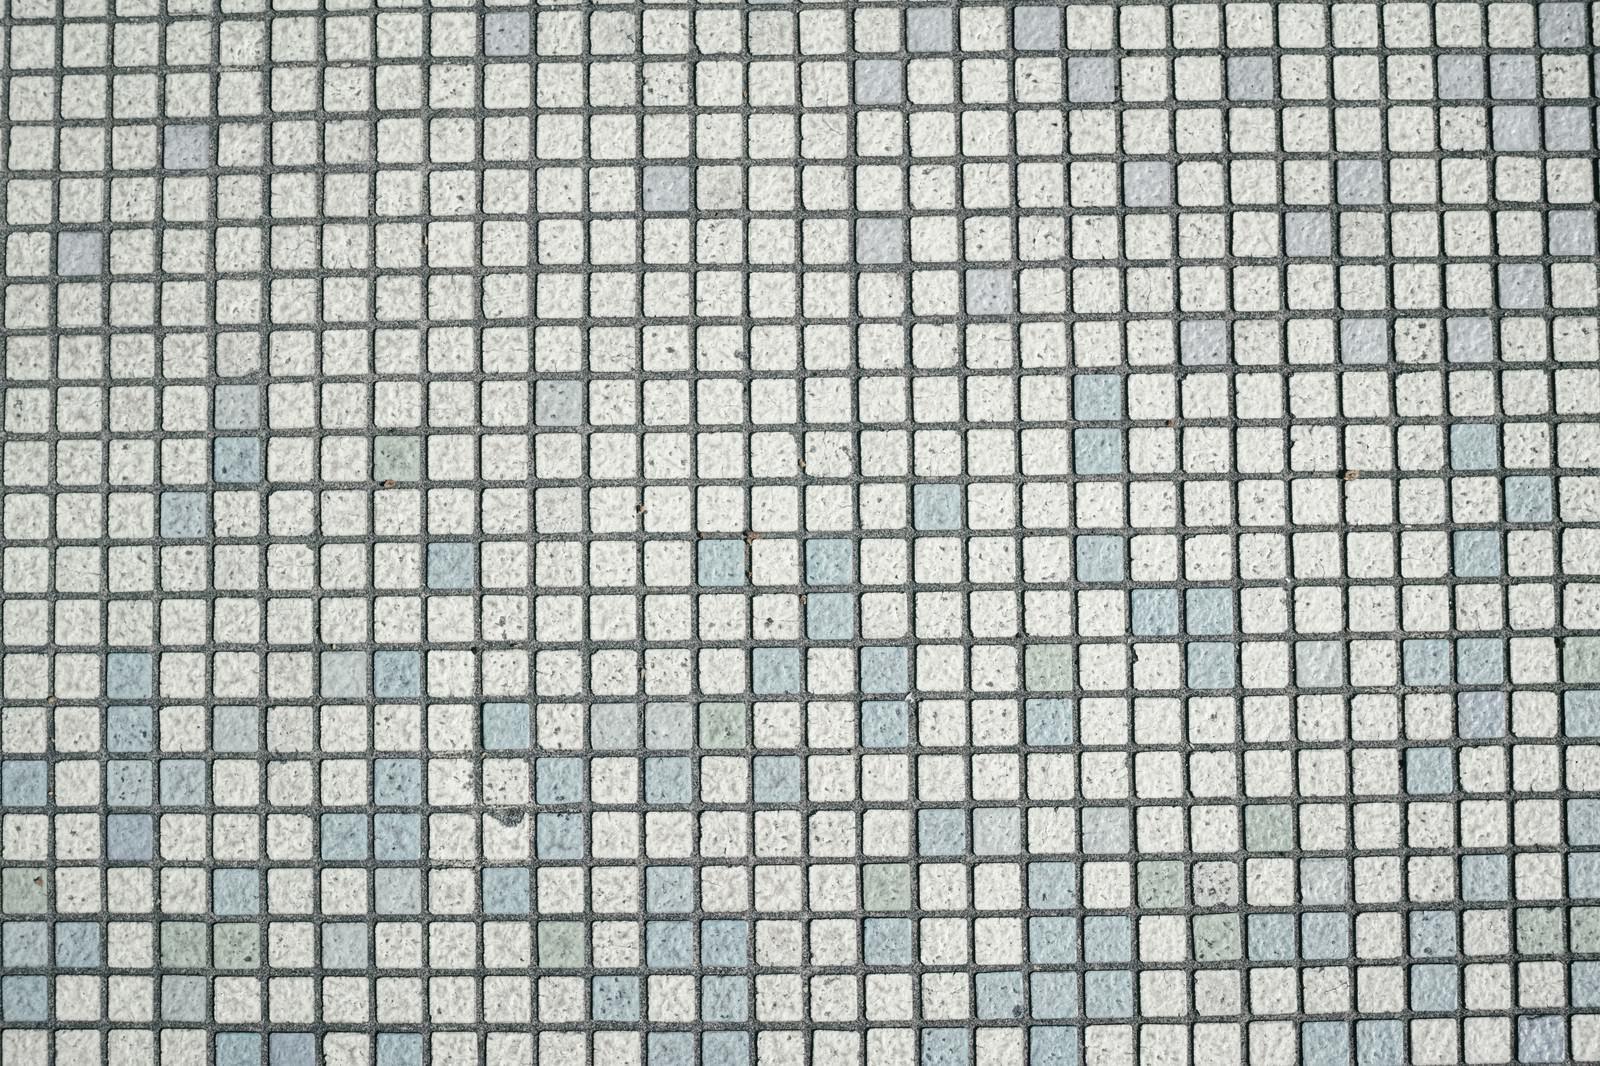 「びっしりと敷き詰められた四角いタイル」の写真